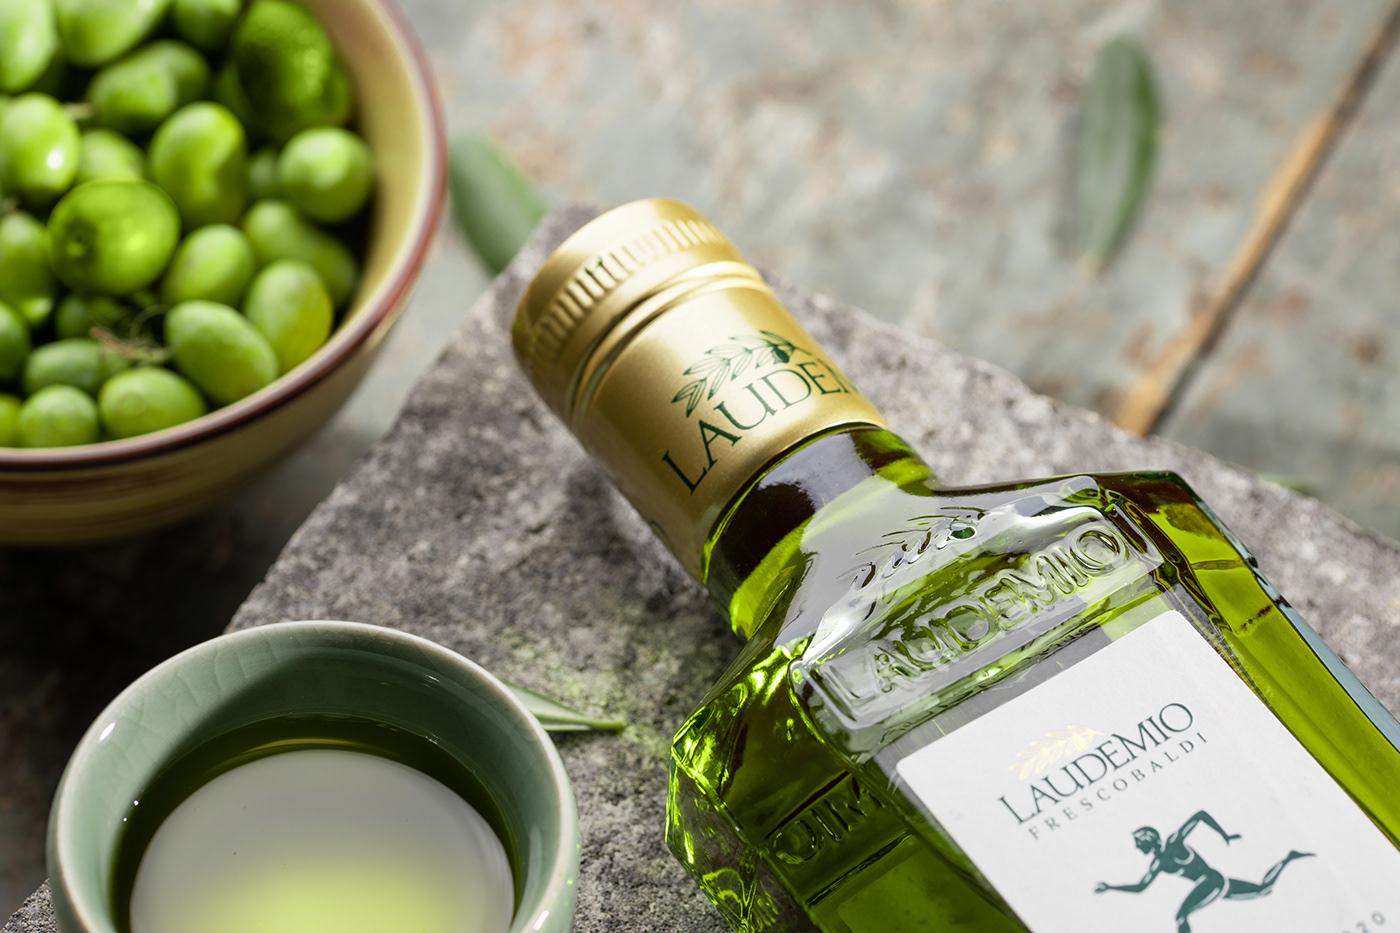 bottle dark Evo Food  green italian oil set Still still life